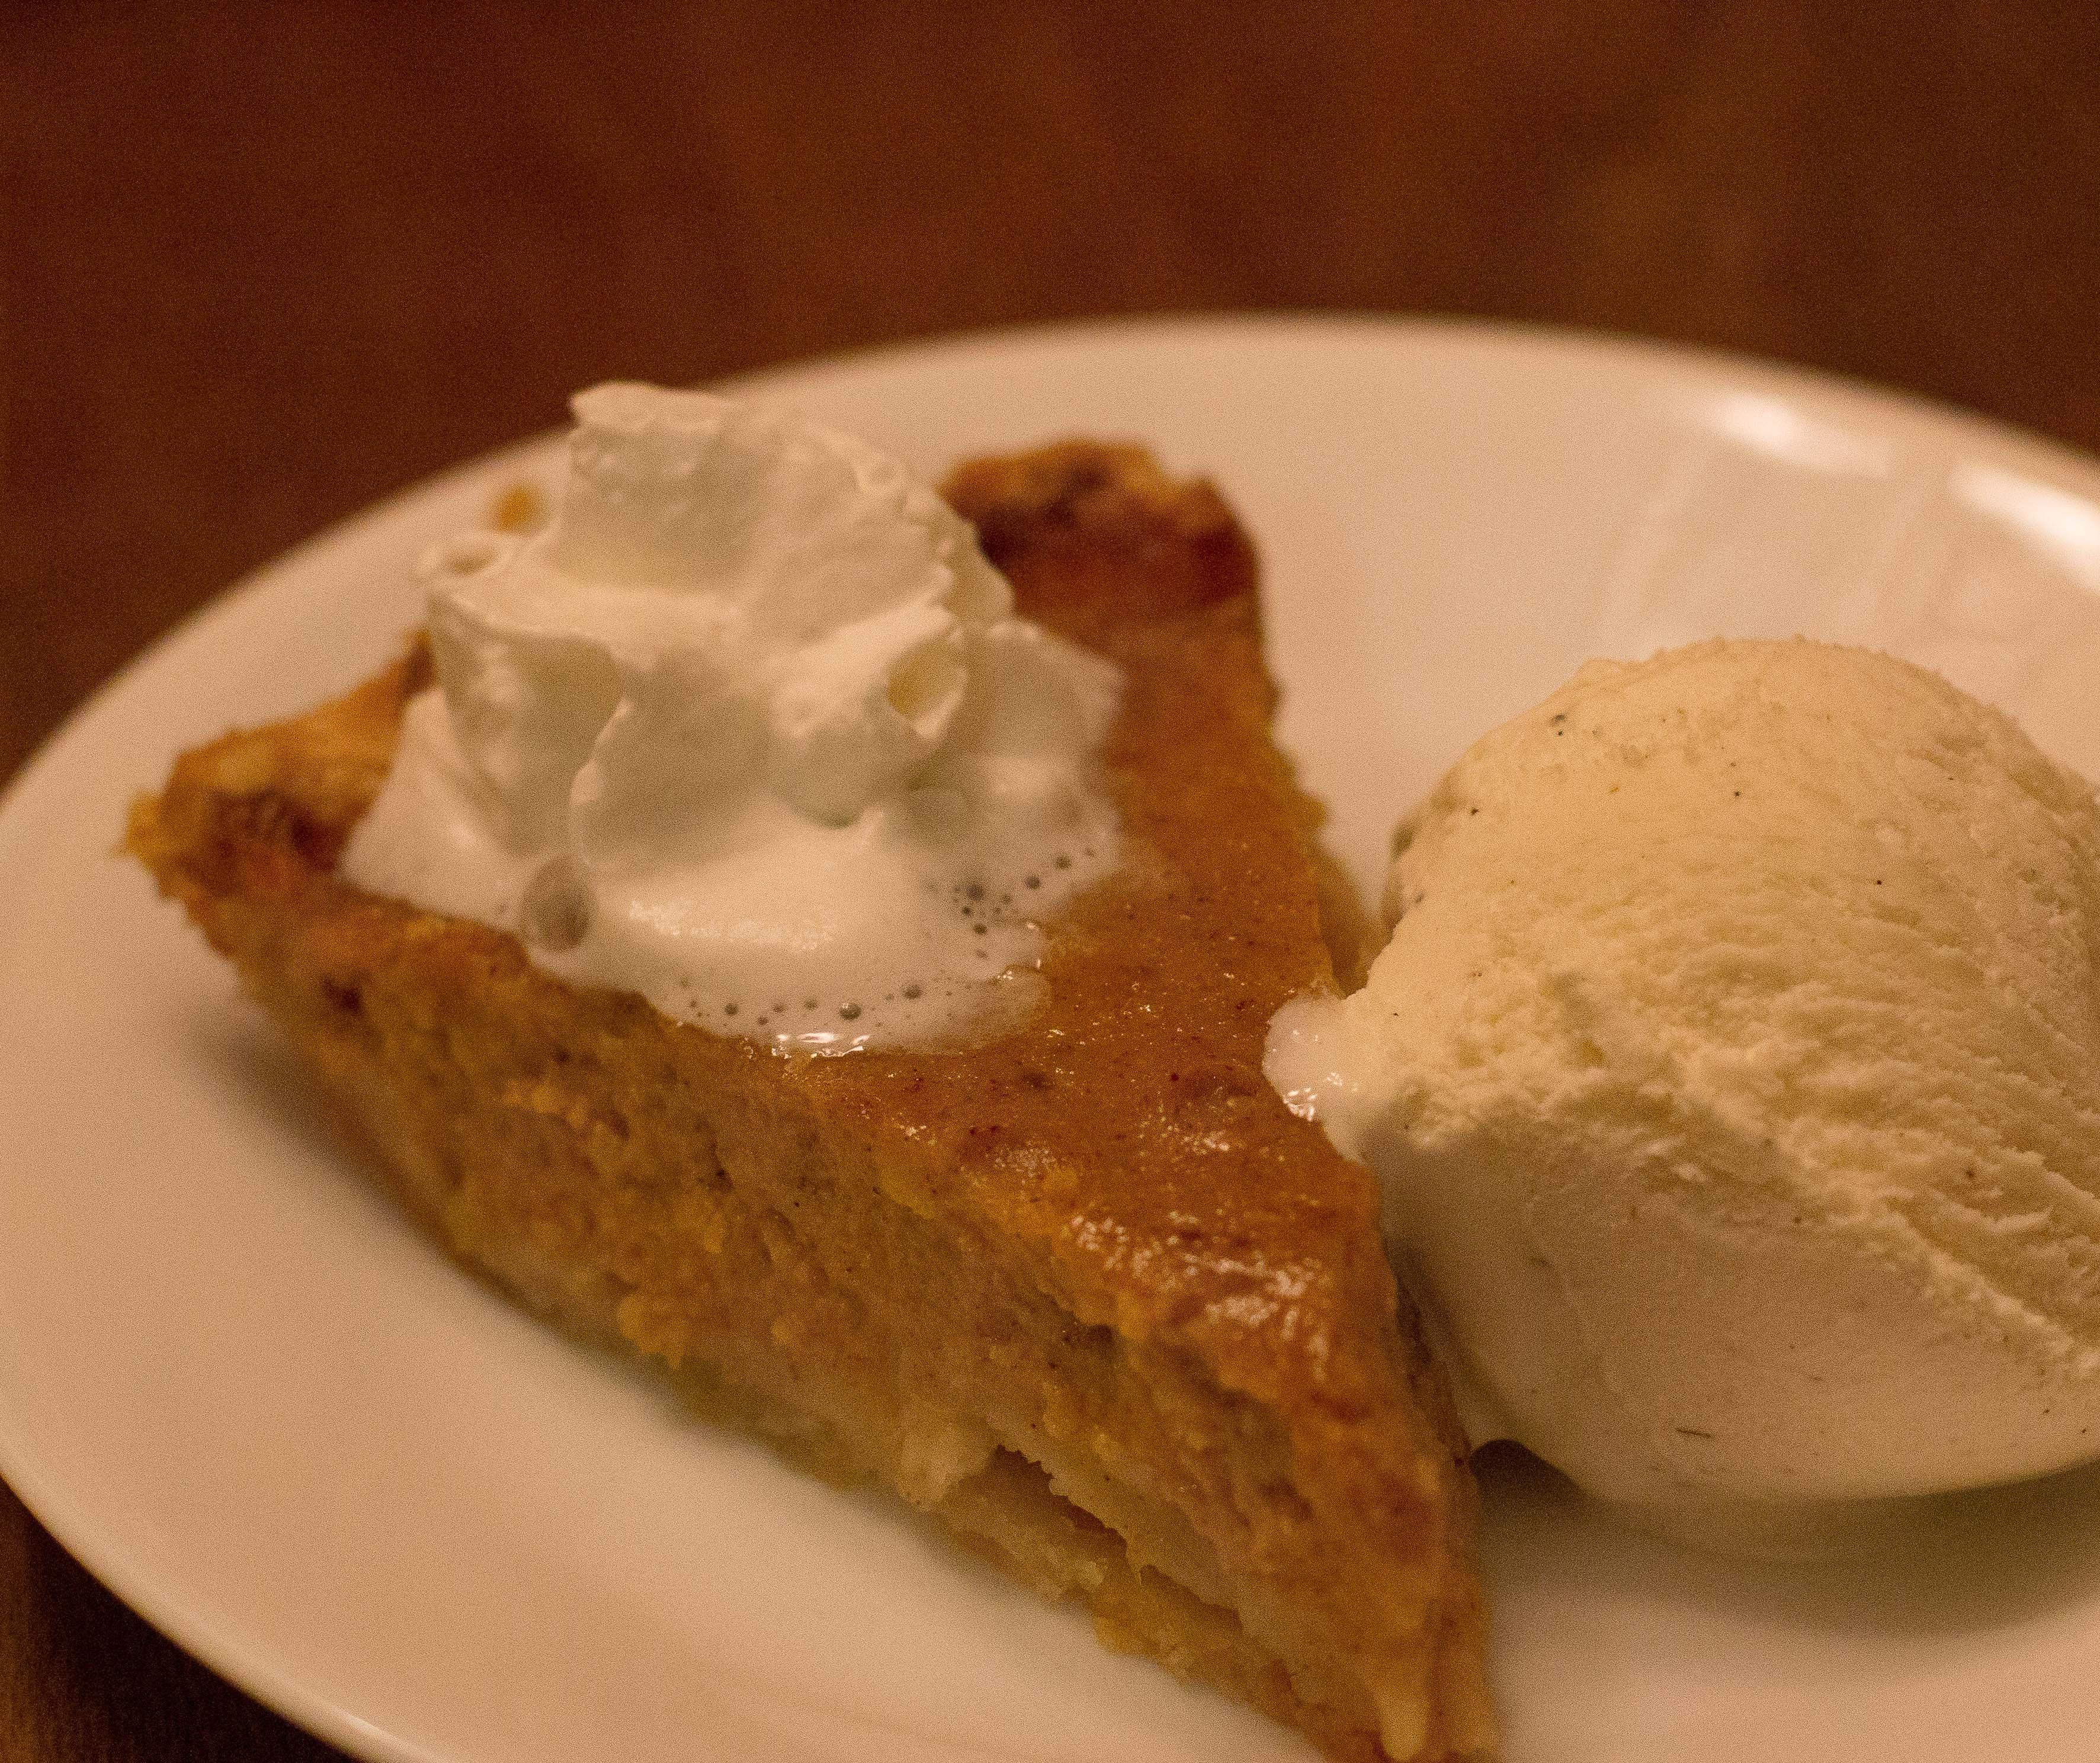 Pumpkin Pie Recipe With Real Pumpkin  Pumpkin Pie from a Real Pumpkin Not a Can BigOven